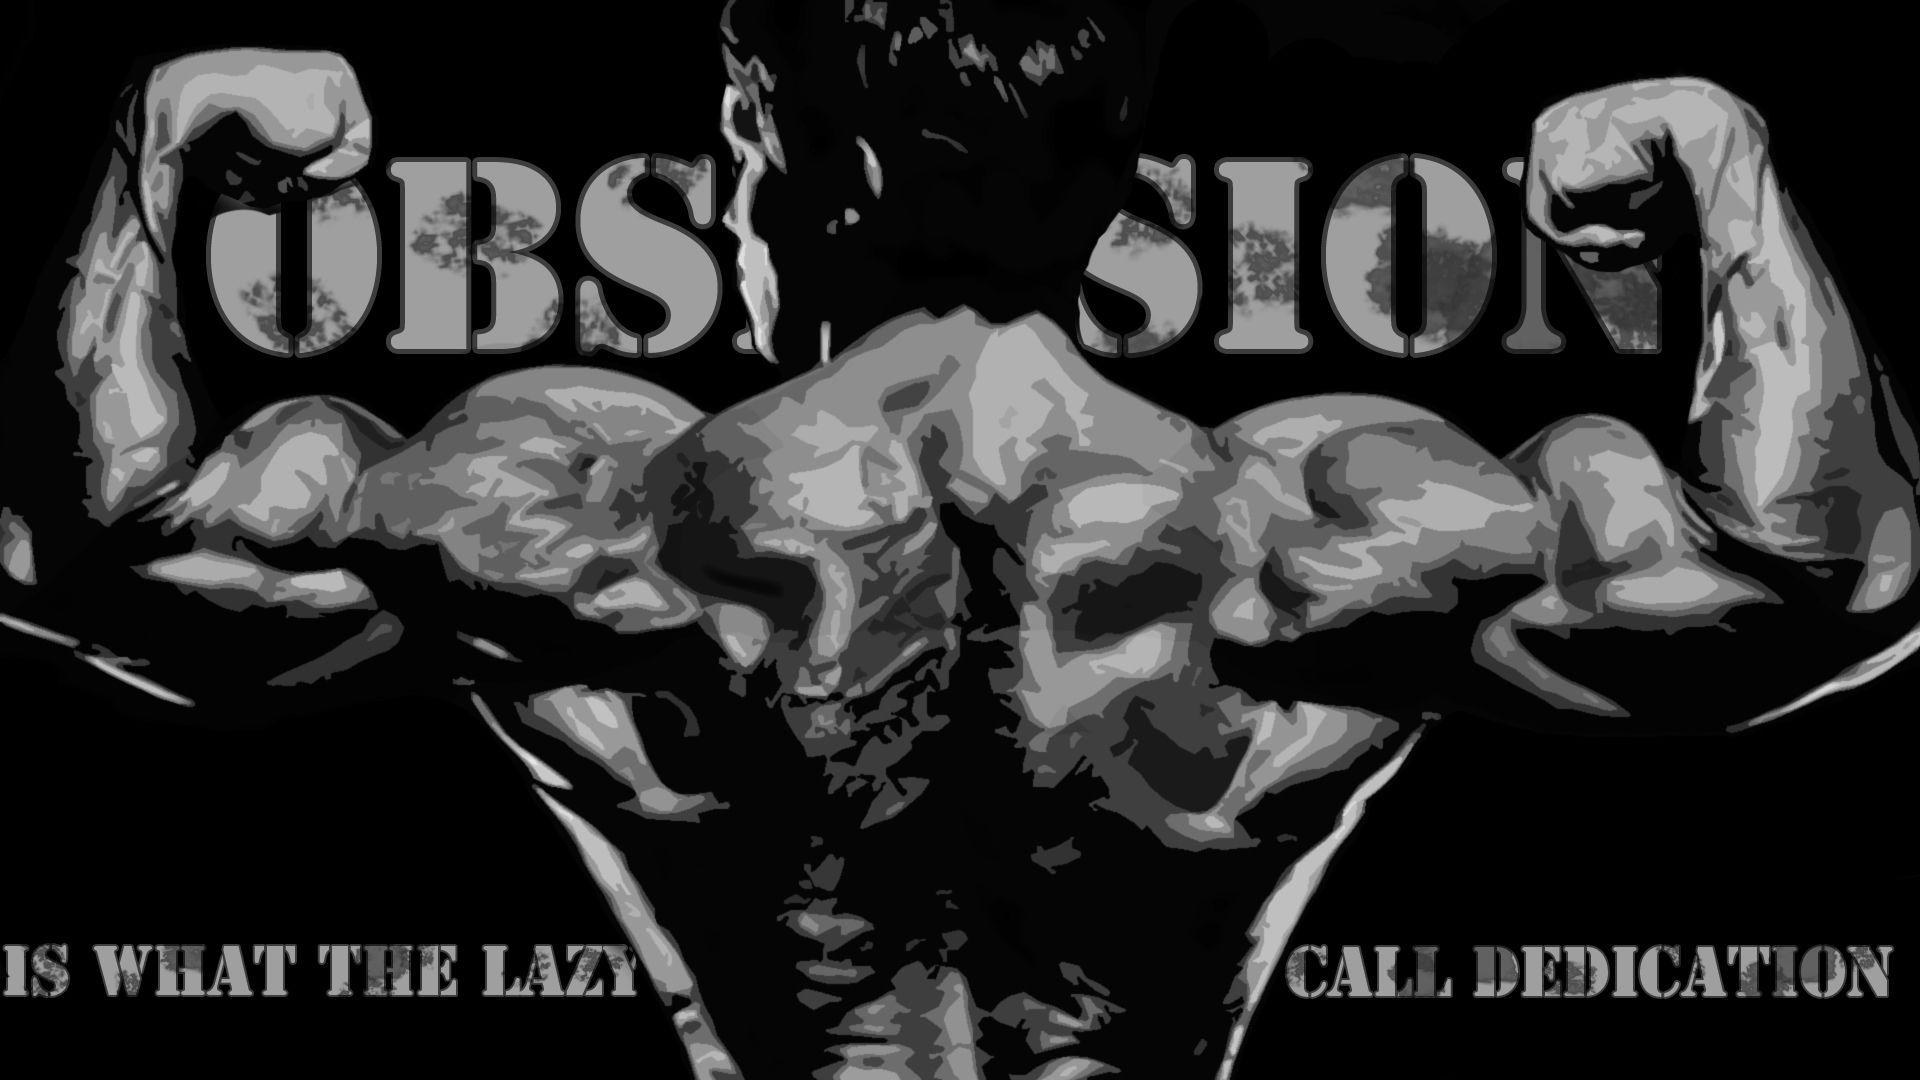 Arnold Schwarzenegger Bodybuilding wallpaper Quote